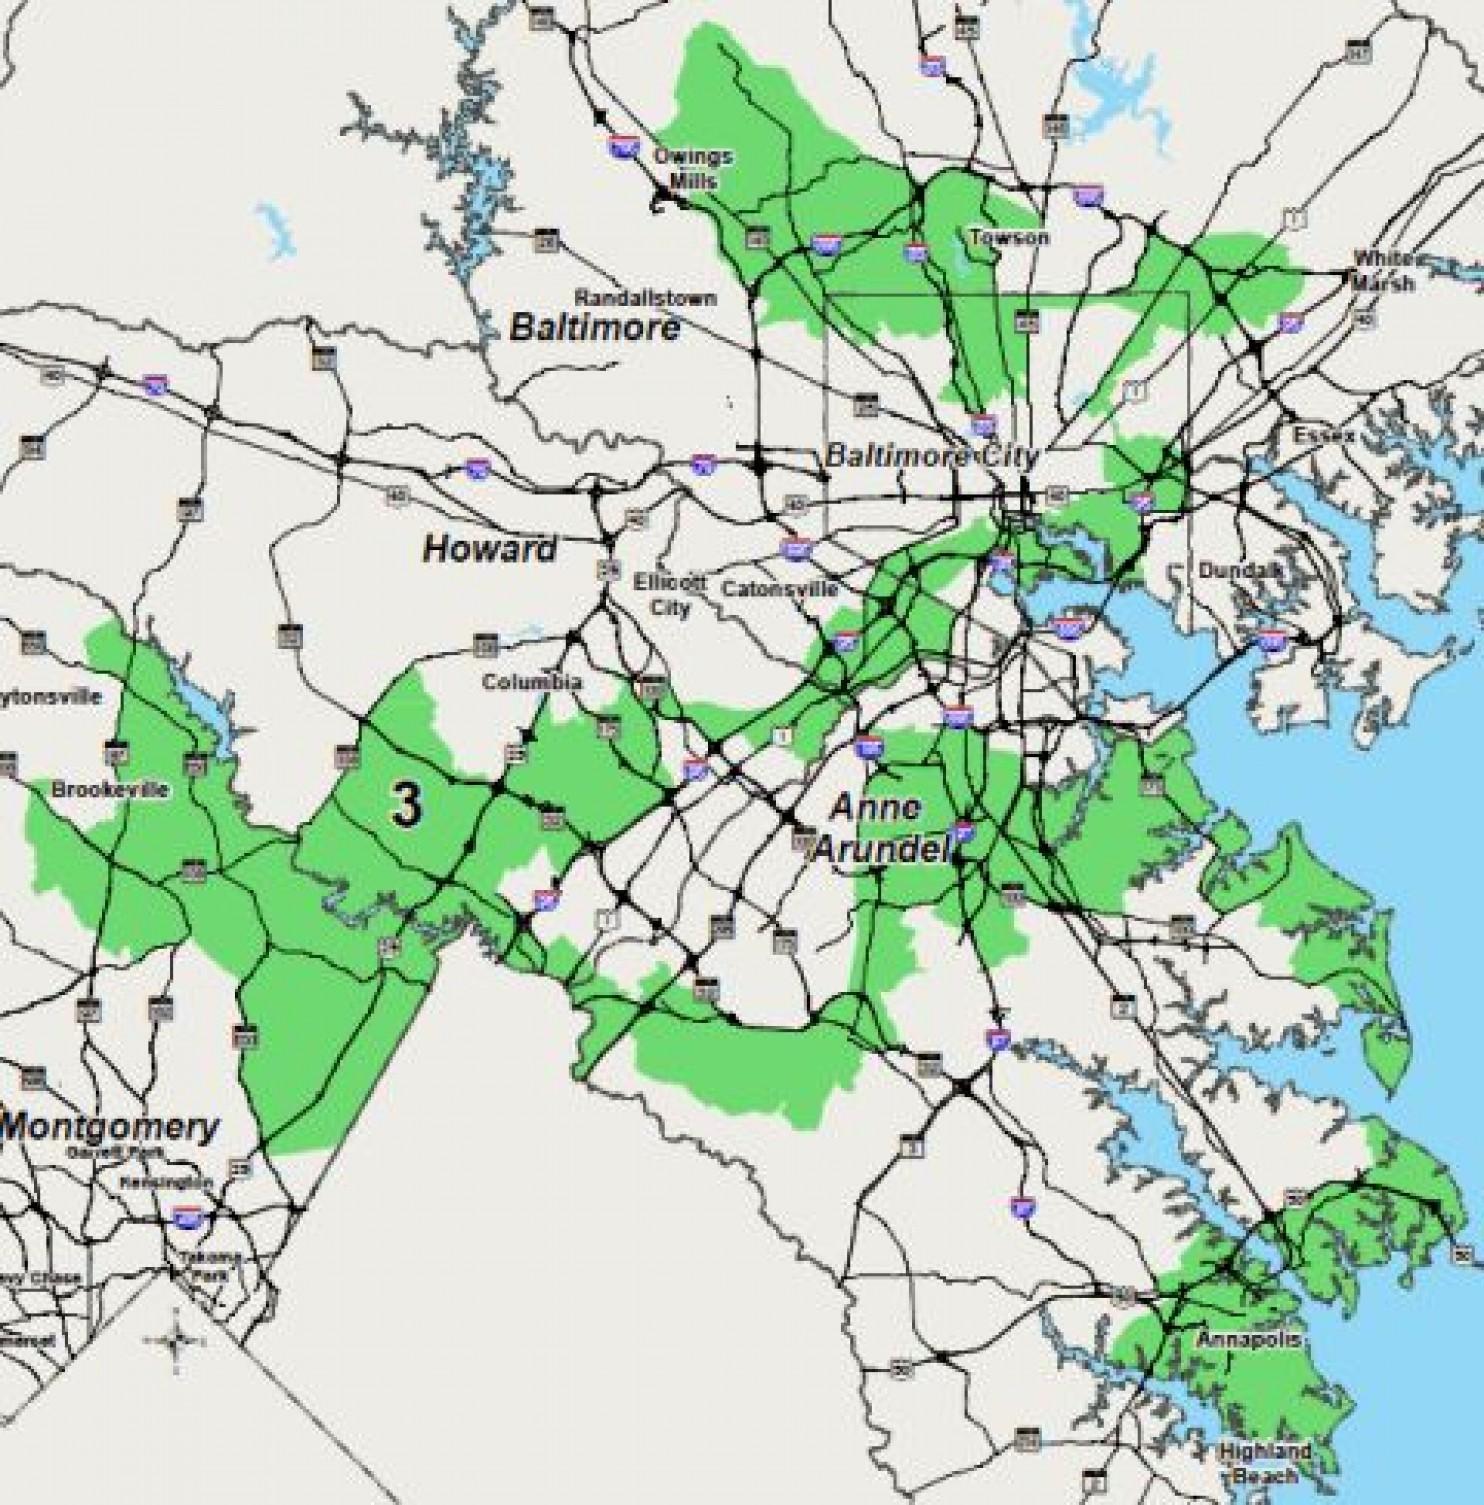 La foto està extreta d'aquest diari: https://www.washingtonpost.com/blogs/the-fix/post/name-that-district-contest-marylands-3rd/2011/10/07/gIQAE0oWaL_blog.html